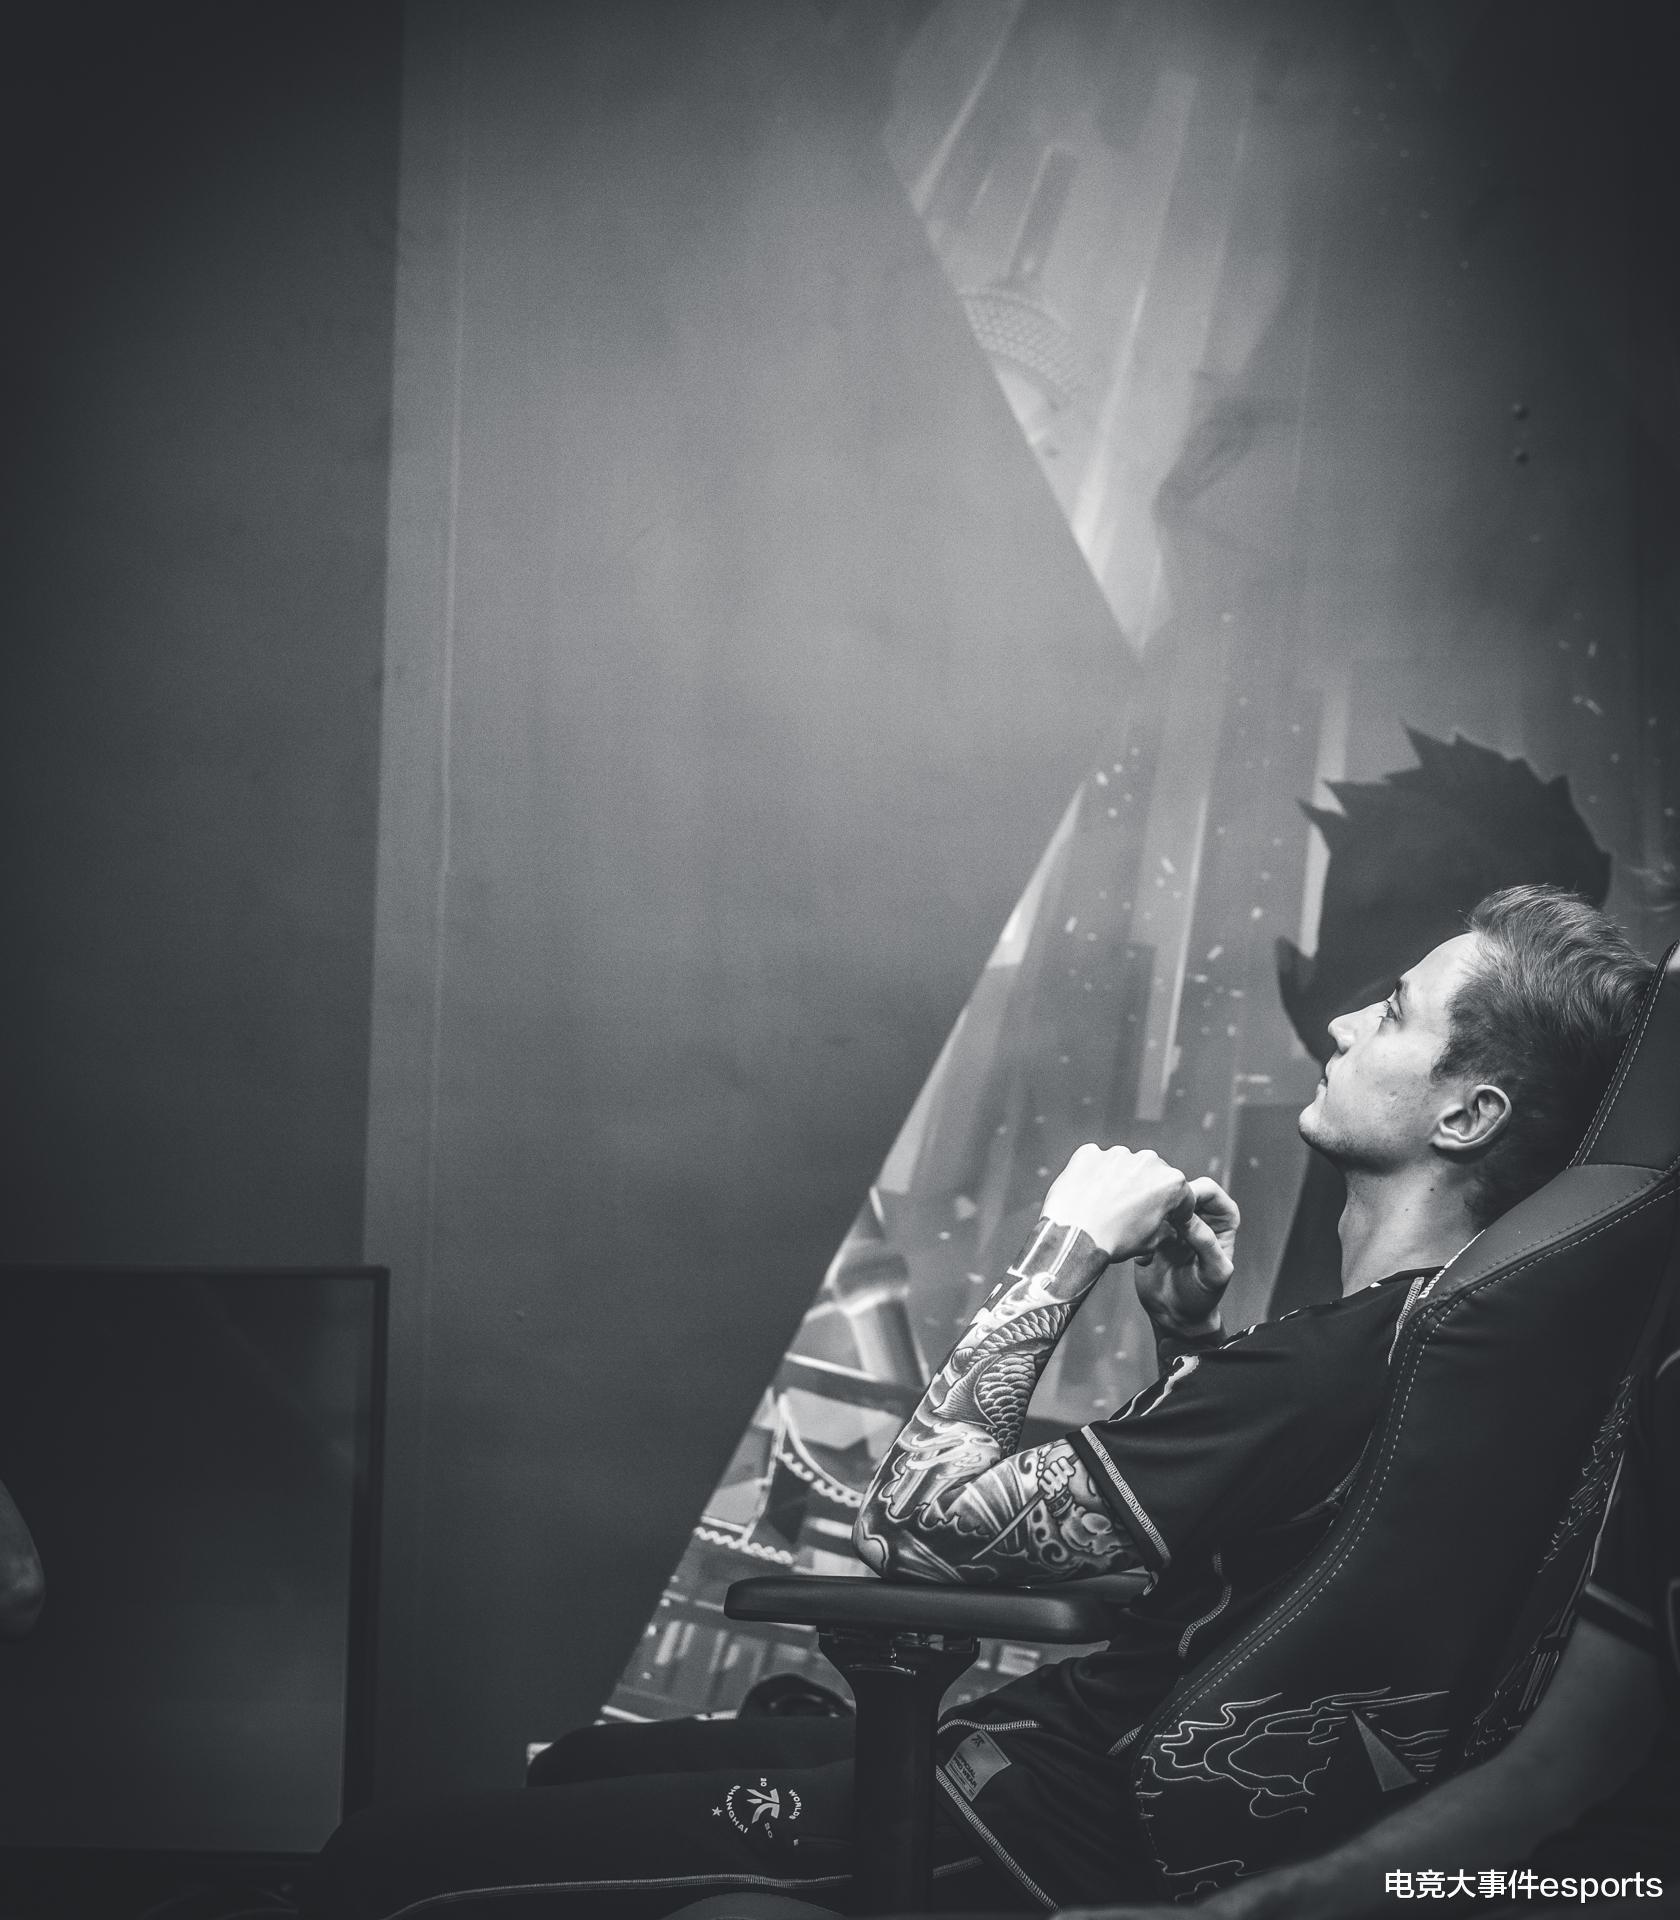 一年前的今天,Uzi职业生涯的谢幕战梦断S9!Rekkles突破心魔泪洒舞台插图(6)